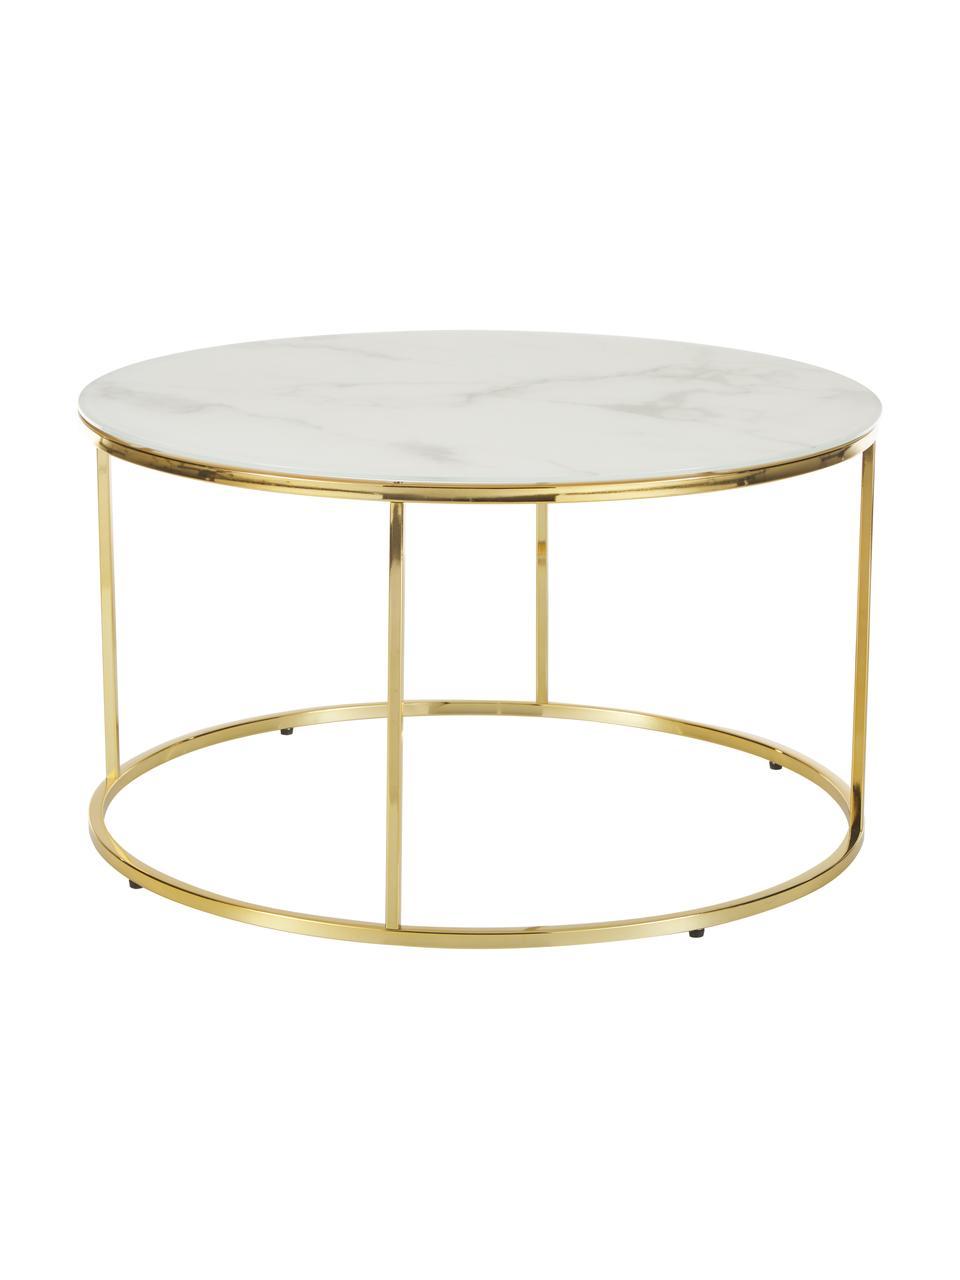 Couchtisch Antigua mit marmorierter Glasplatte, Tischplatte: Glas, matt bedruckt, Gestell: Stahl, vermessingt, Weiß-grau marmoriert, Goldfarben, Ø 80 x H 45 cm